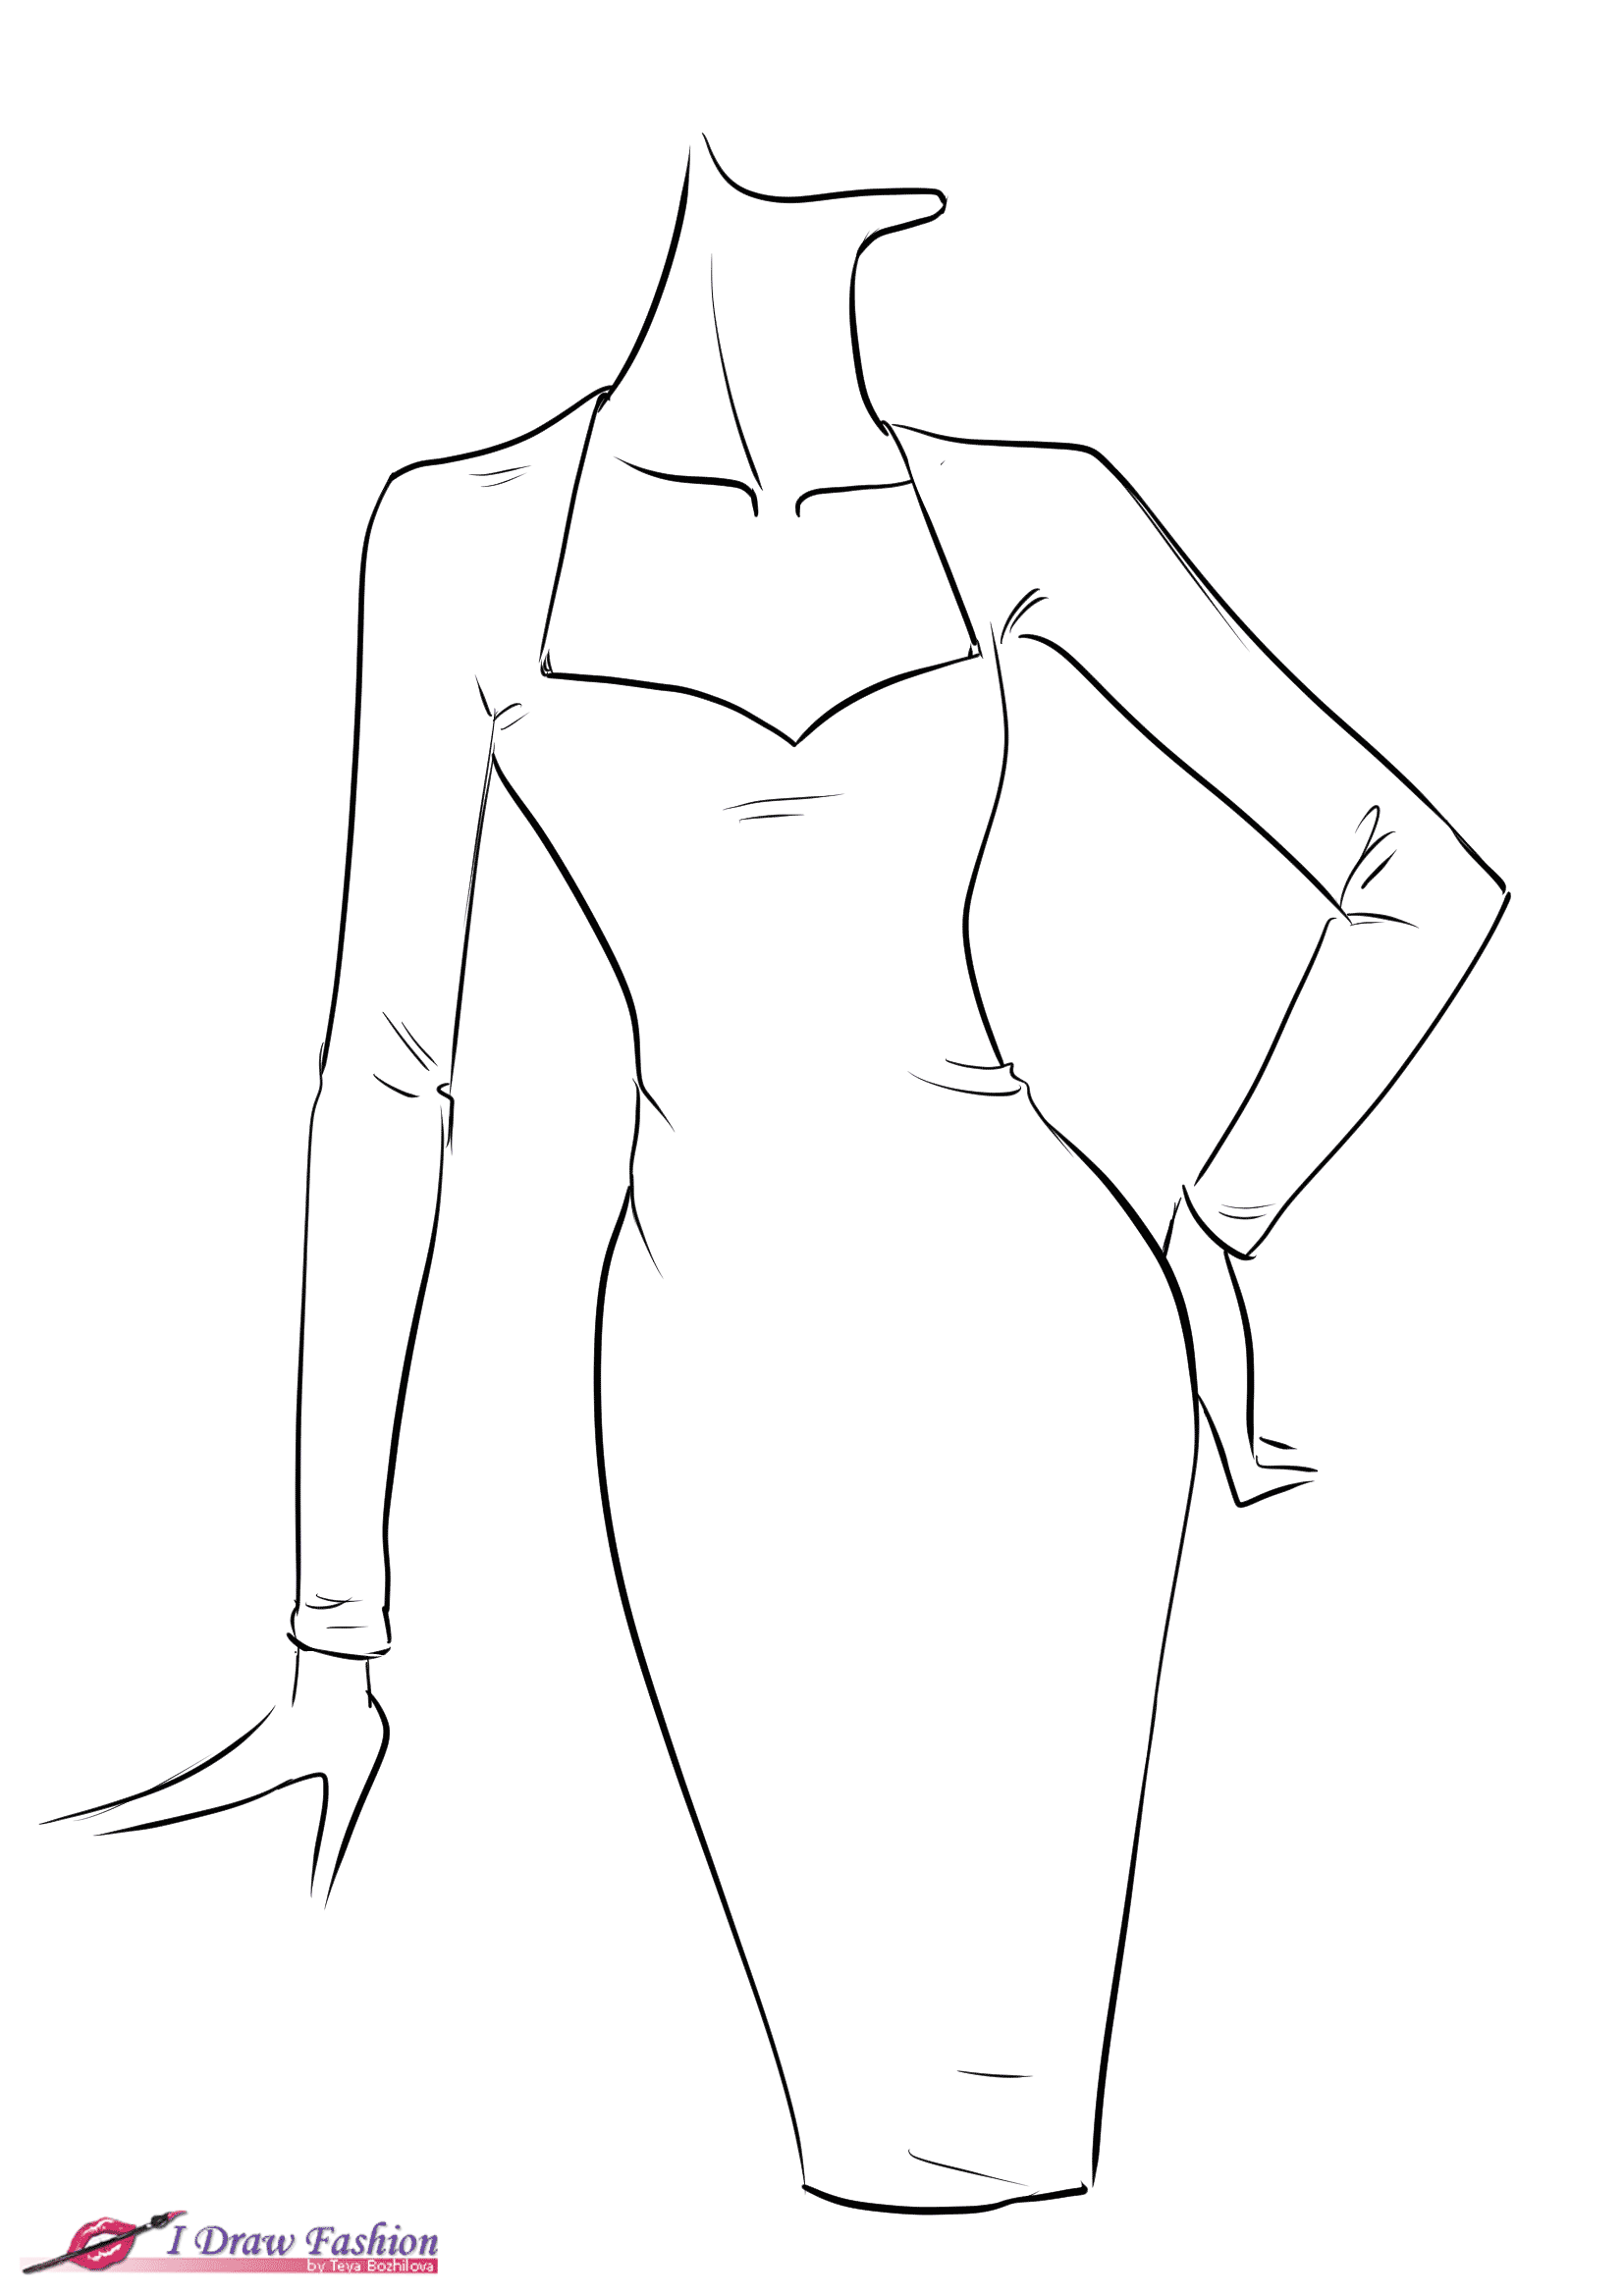 Рисунки карандашом платья для начинающих дизайнеров субару очень